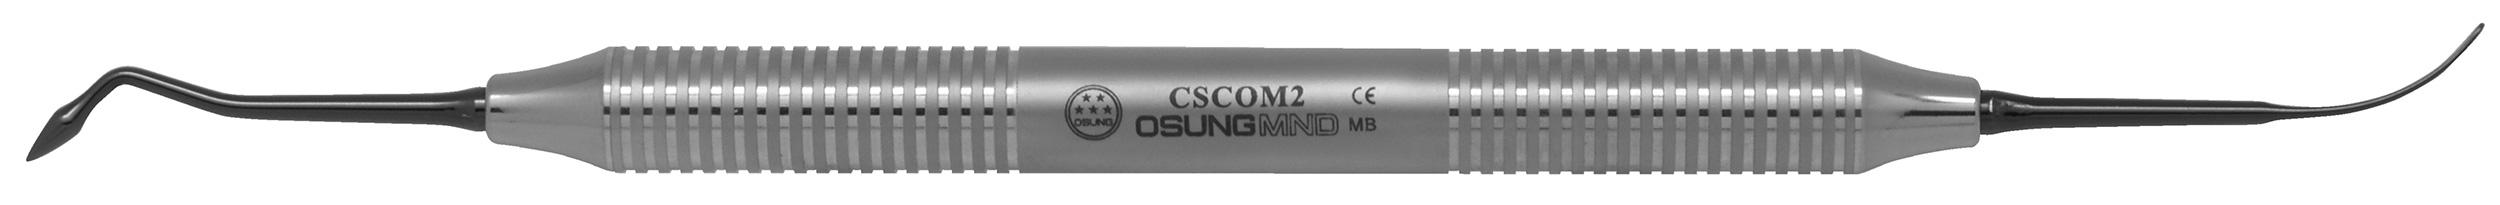 CSCOM2